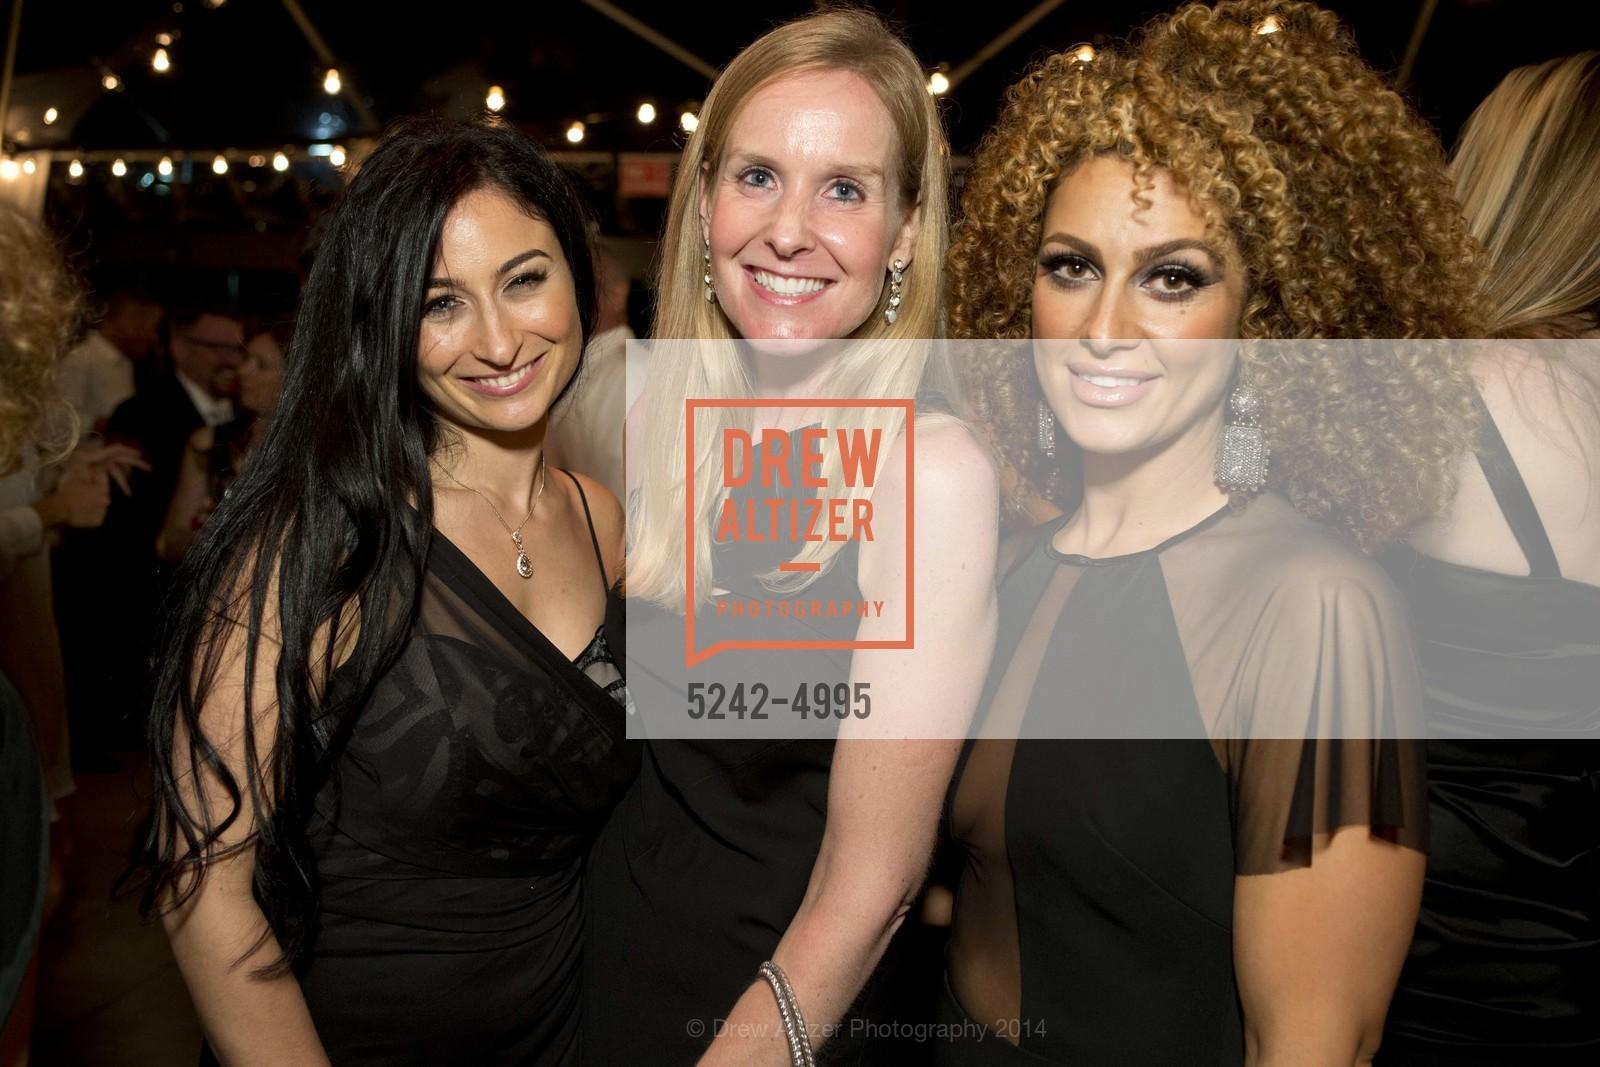 Leila Rose, Courtney McBain, Asal, Photo #5242-4995